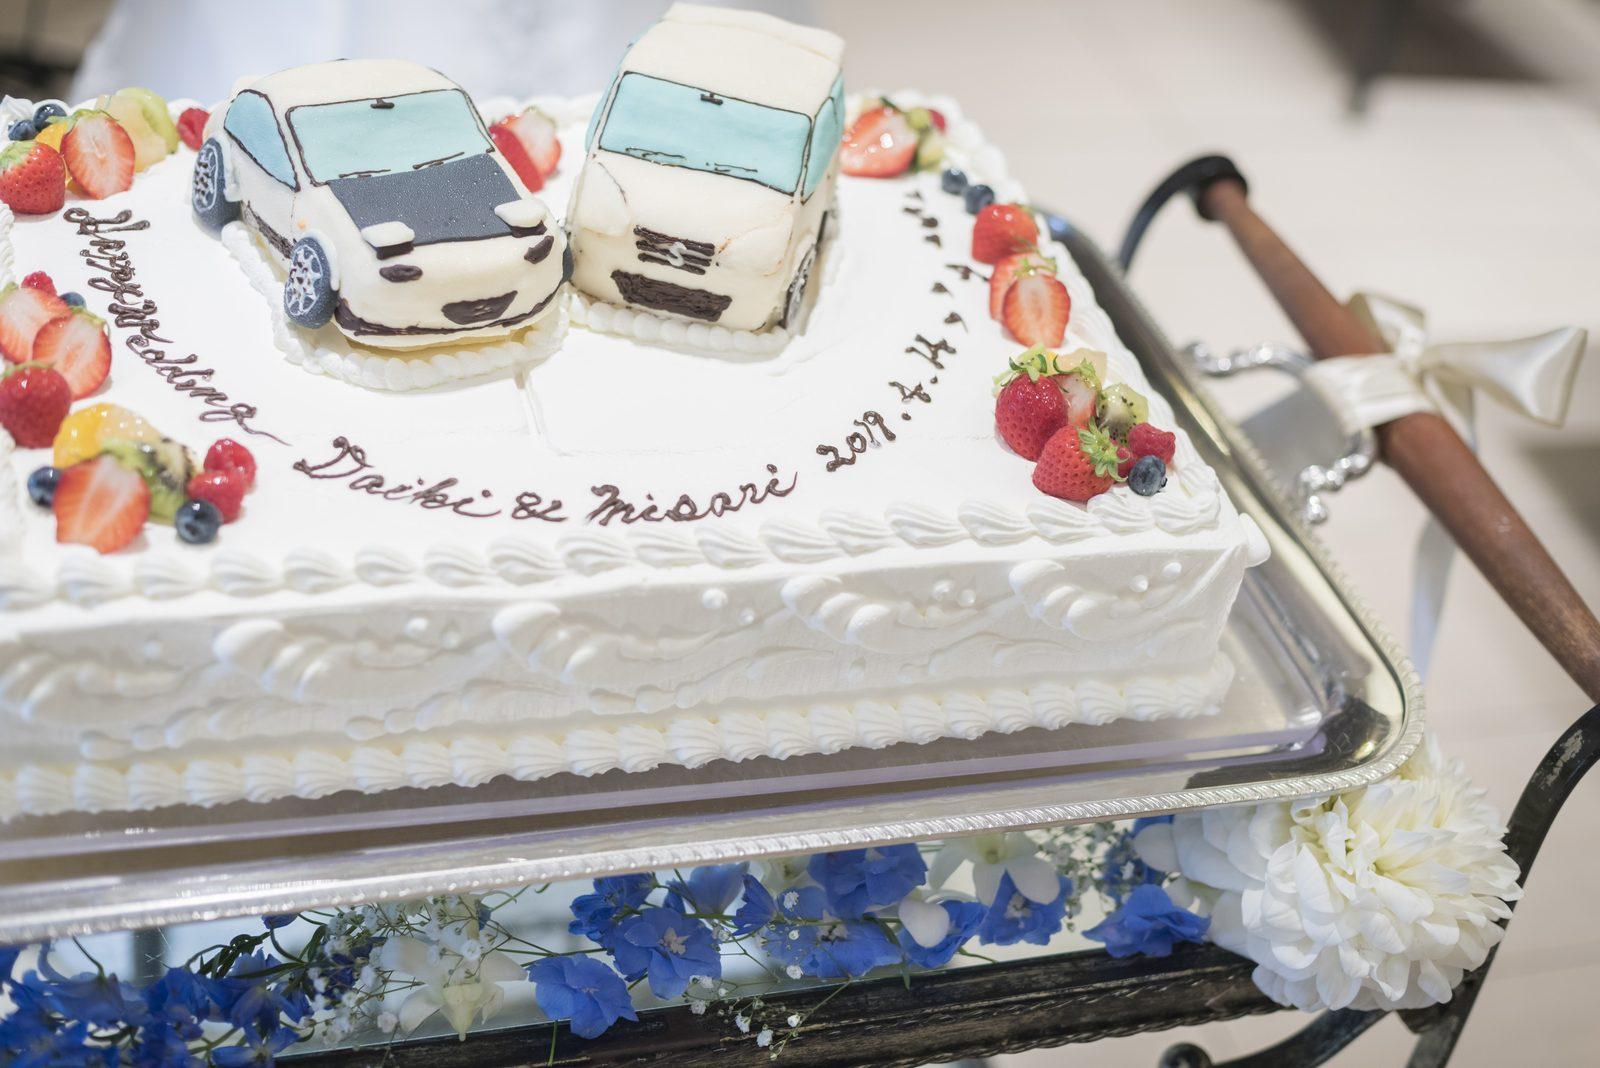 高松市の結婚式場アイルバレクラブのお二人の愛車モチーフのオブジェが乗ったウエディングケーキ